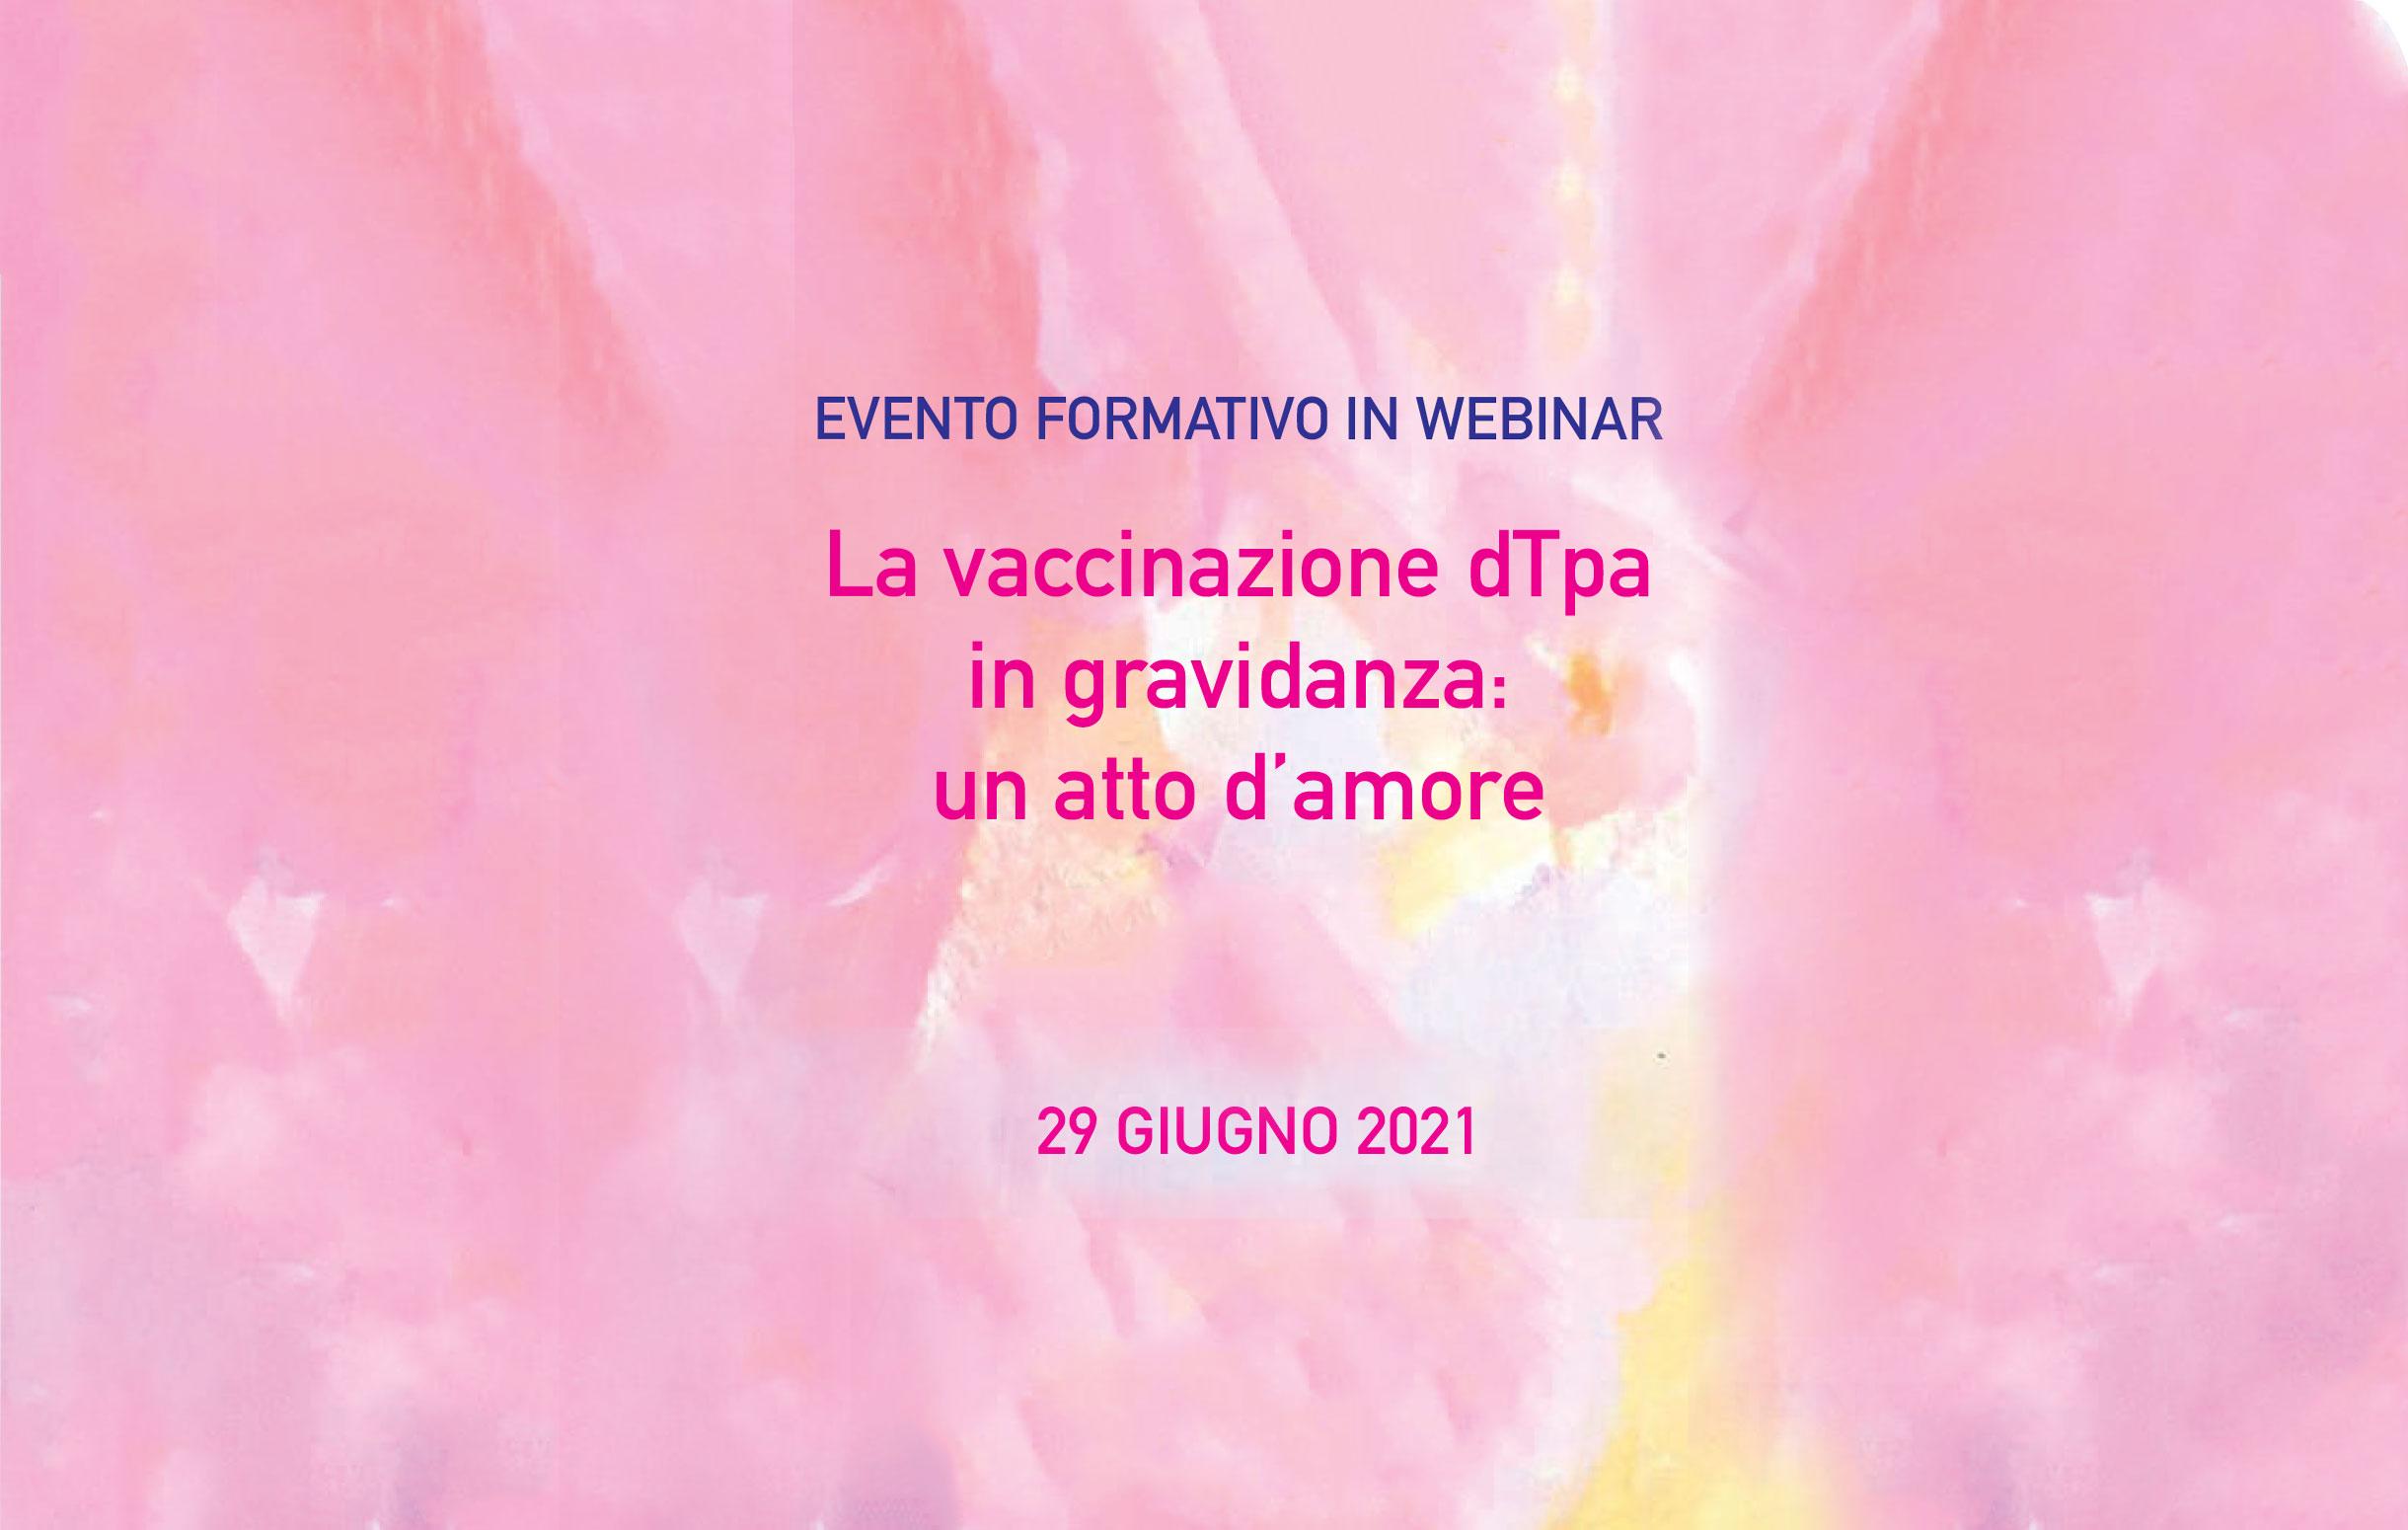 Evento Formativo in Webinar – La vaccinazione dTpa in gravidanza: un atto d'amore | 29 Giugno